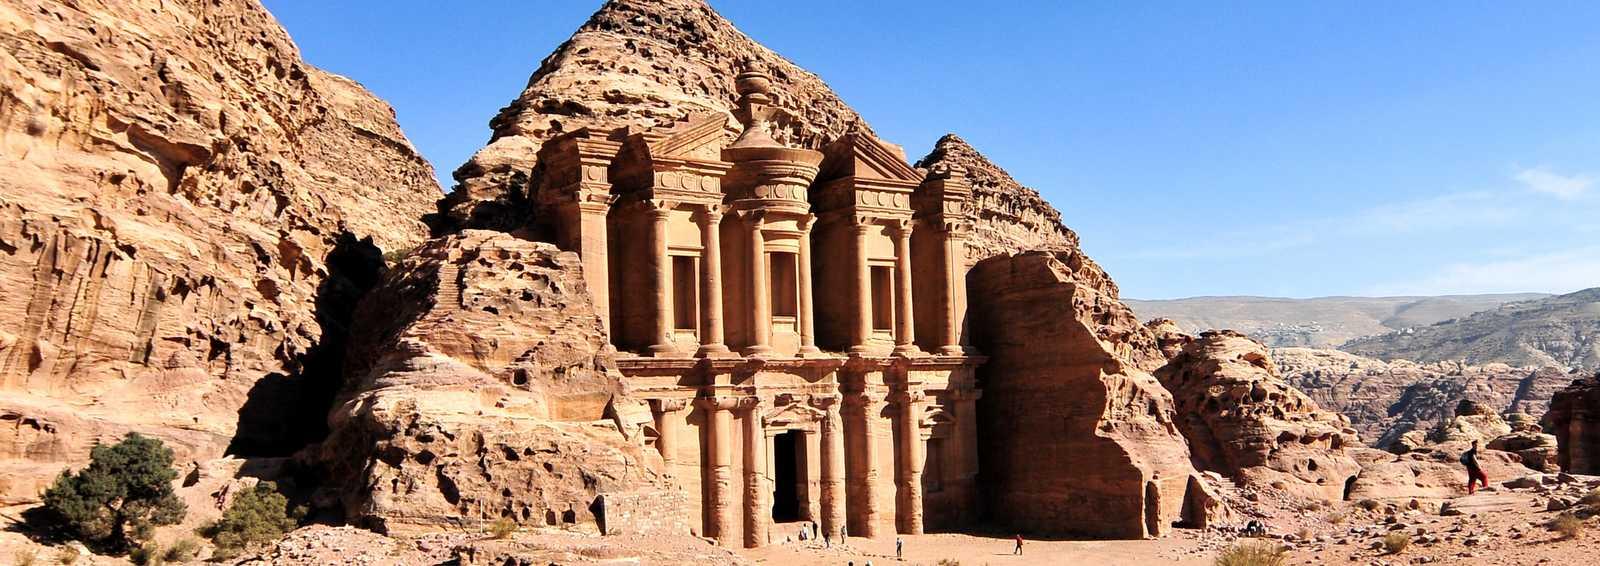 The Monastery at Petra, Jordan